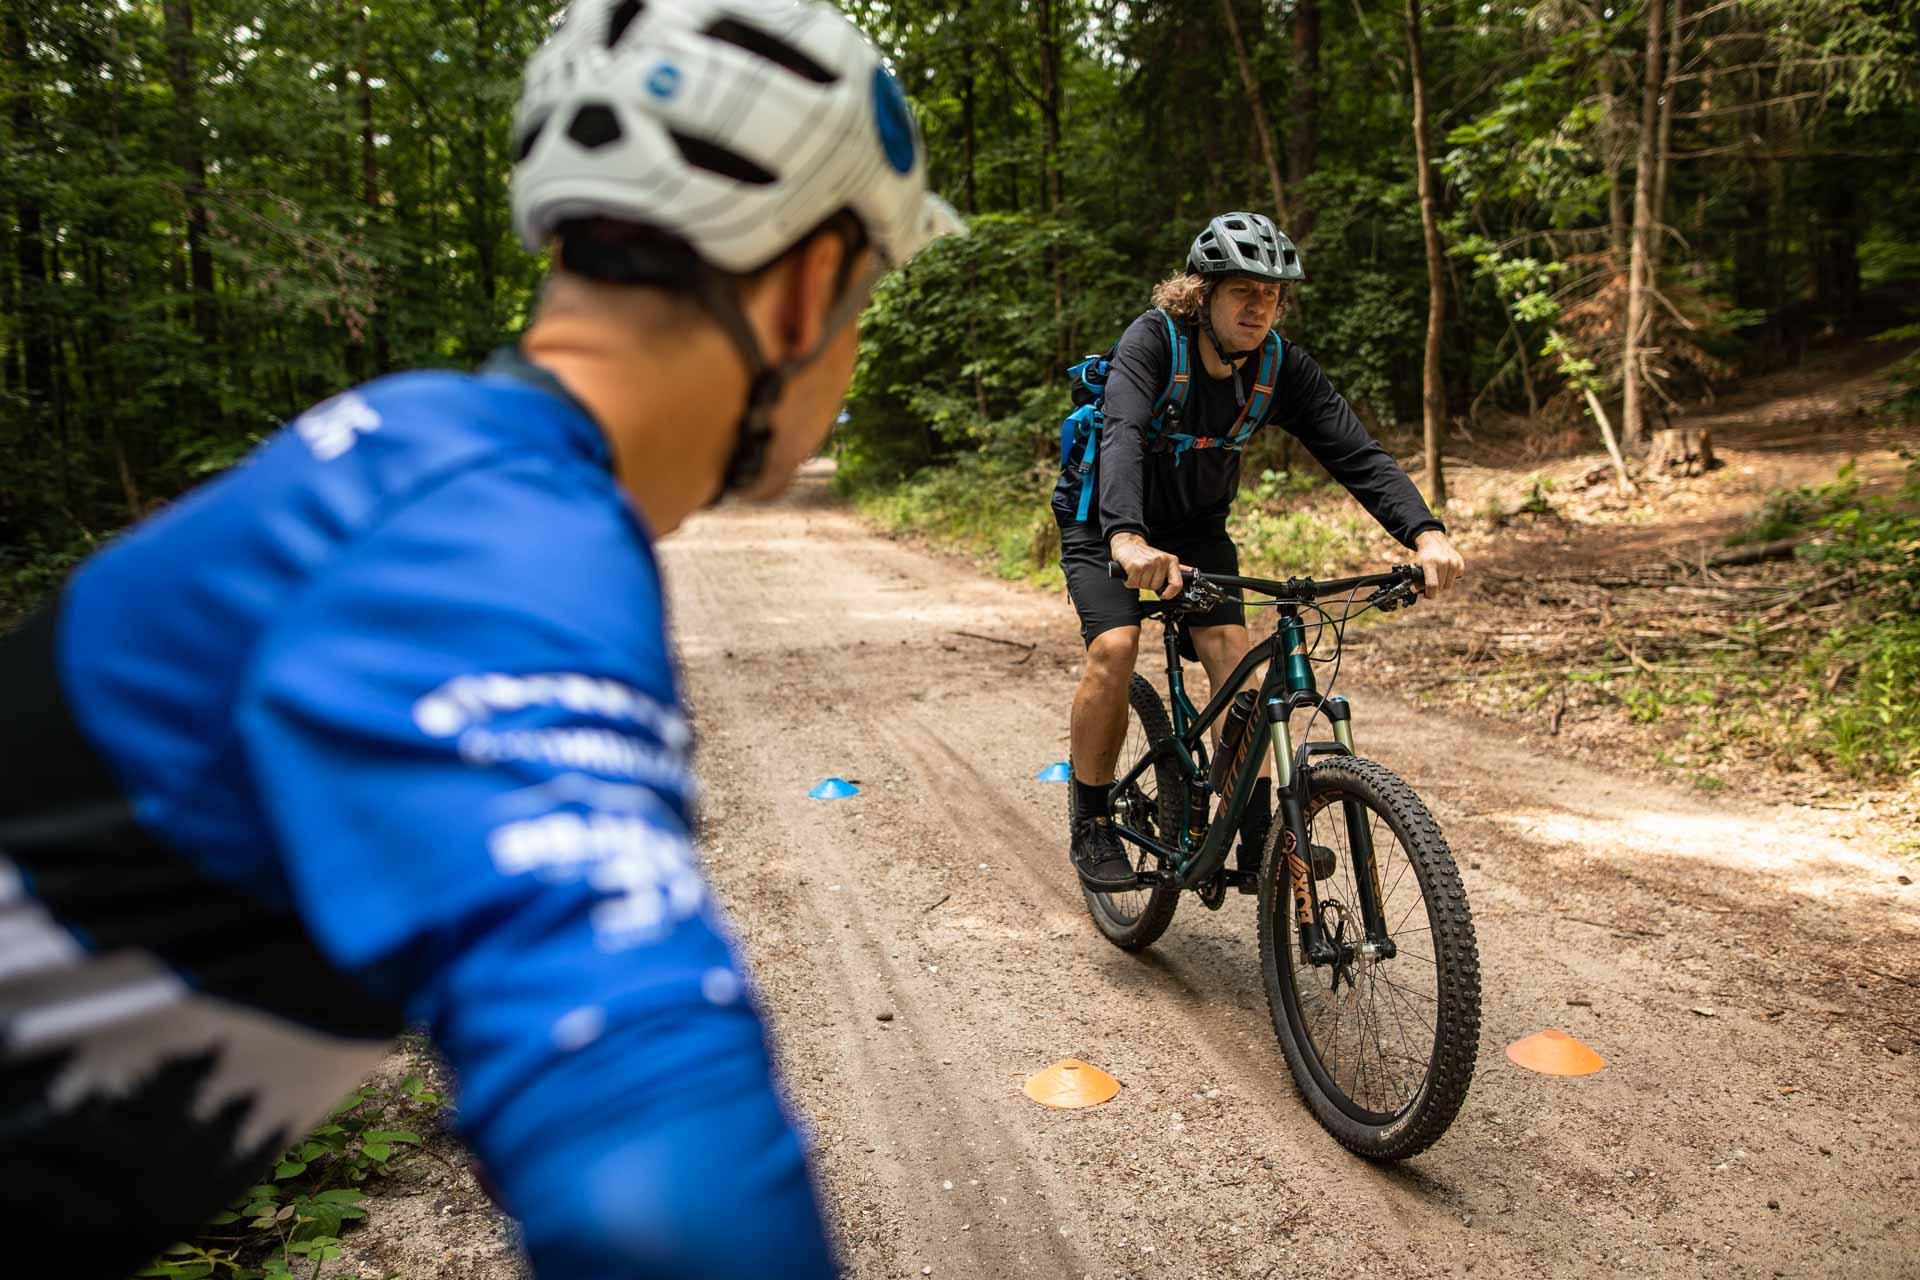 MTB Fahrtechnik Kurs für Einsteiger in Bad Orb | Spessart - Mountainbike Basic - Rock my Trail Bikeschule - 12